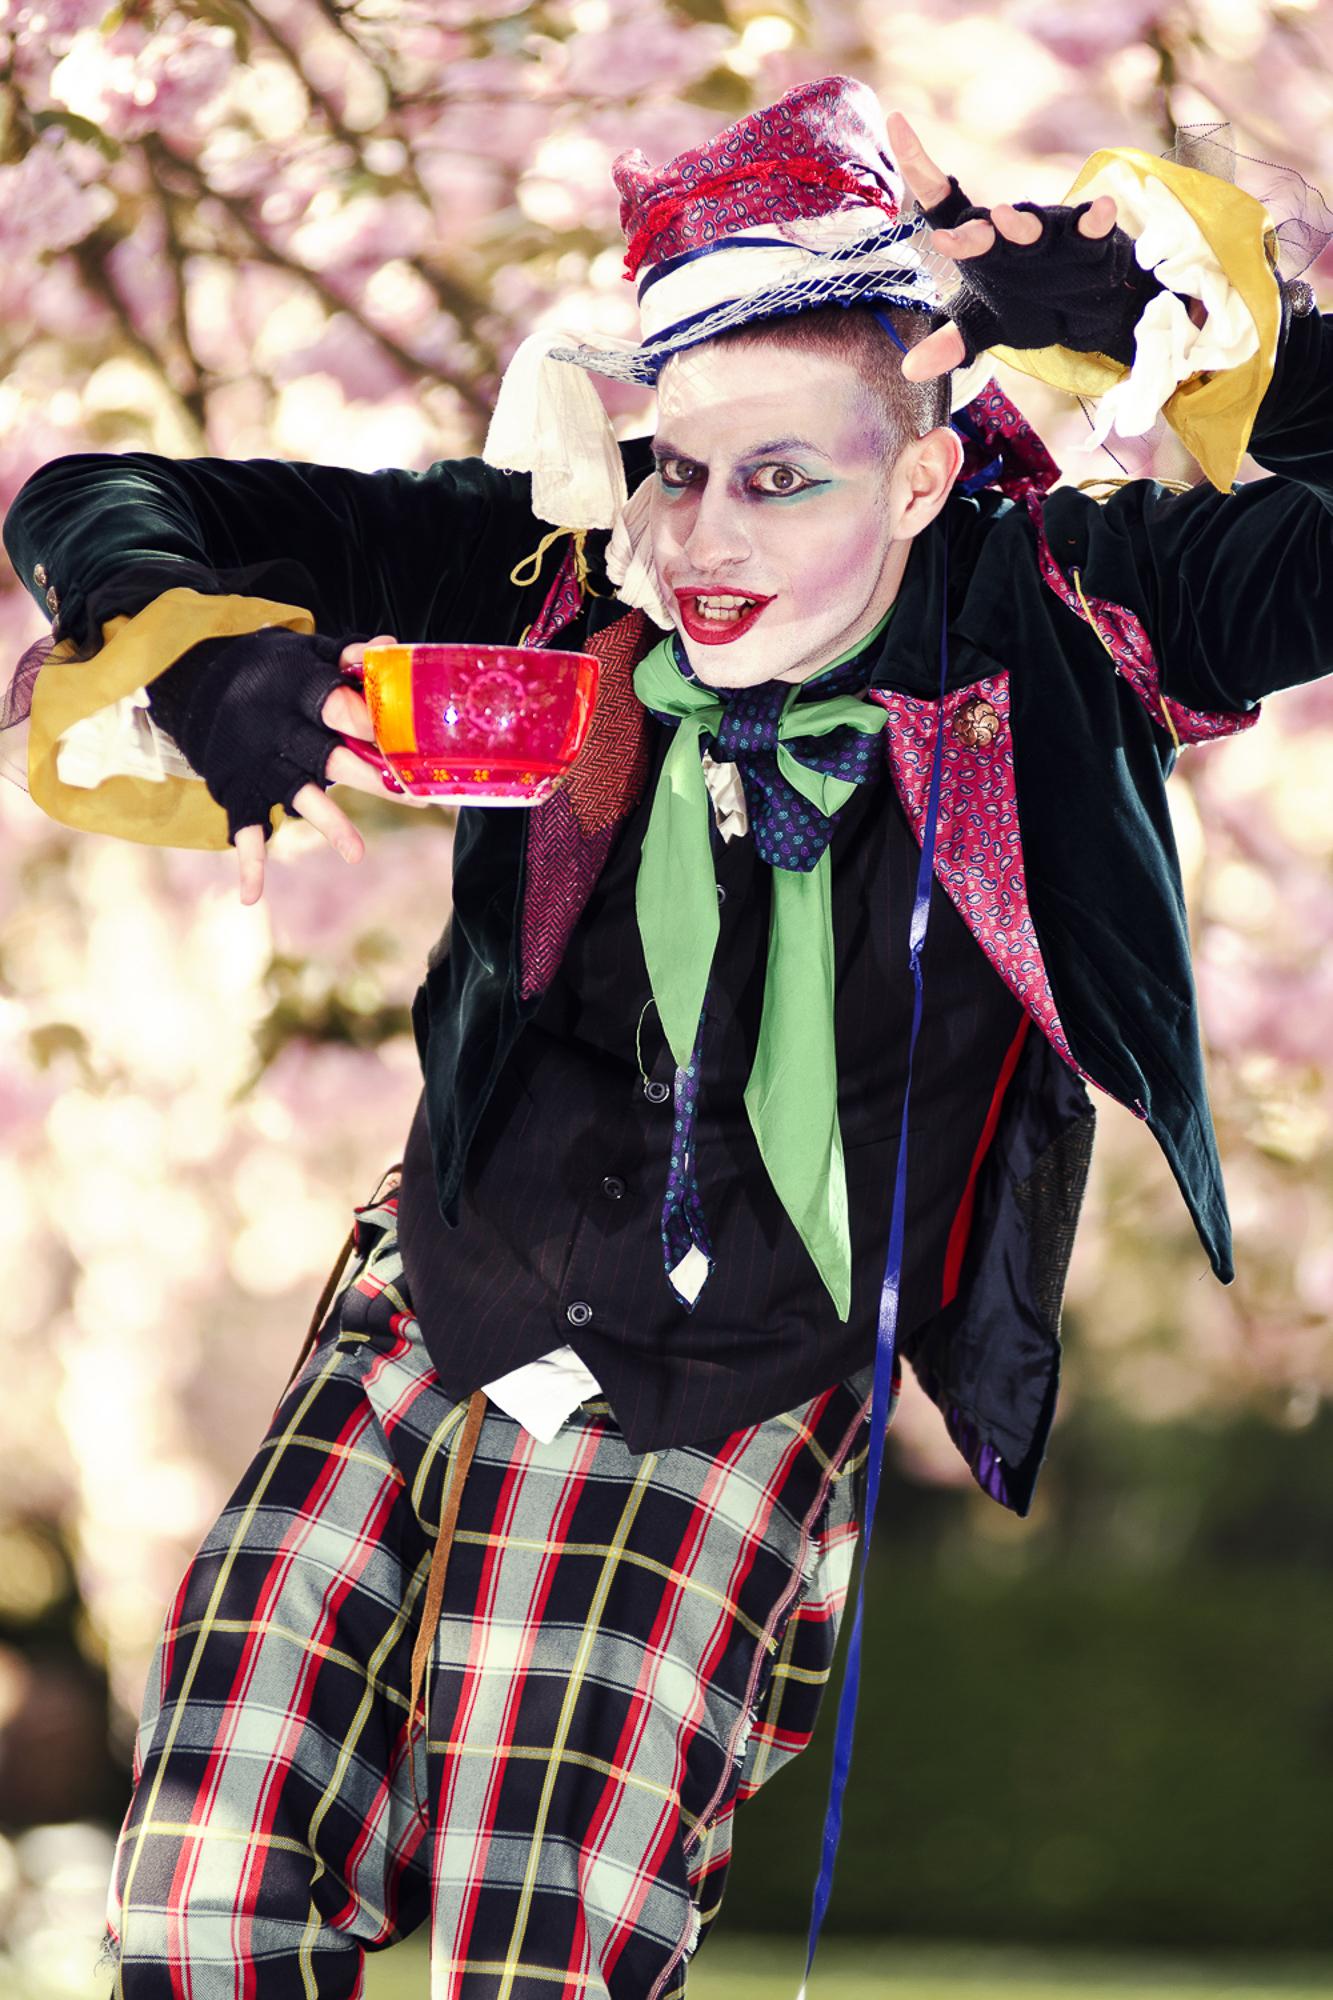 Parc de Sceaux, Paris  PHOTOGRAPHY: Alexander J.E. Bradley • NIKON D7000 • AF-S NIKKOR 24-70MM ƒ/2.8G ED @ 70MM • ƒ/2.8 • 1/200 • ISO 100